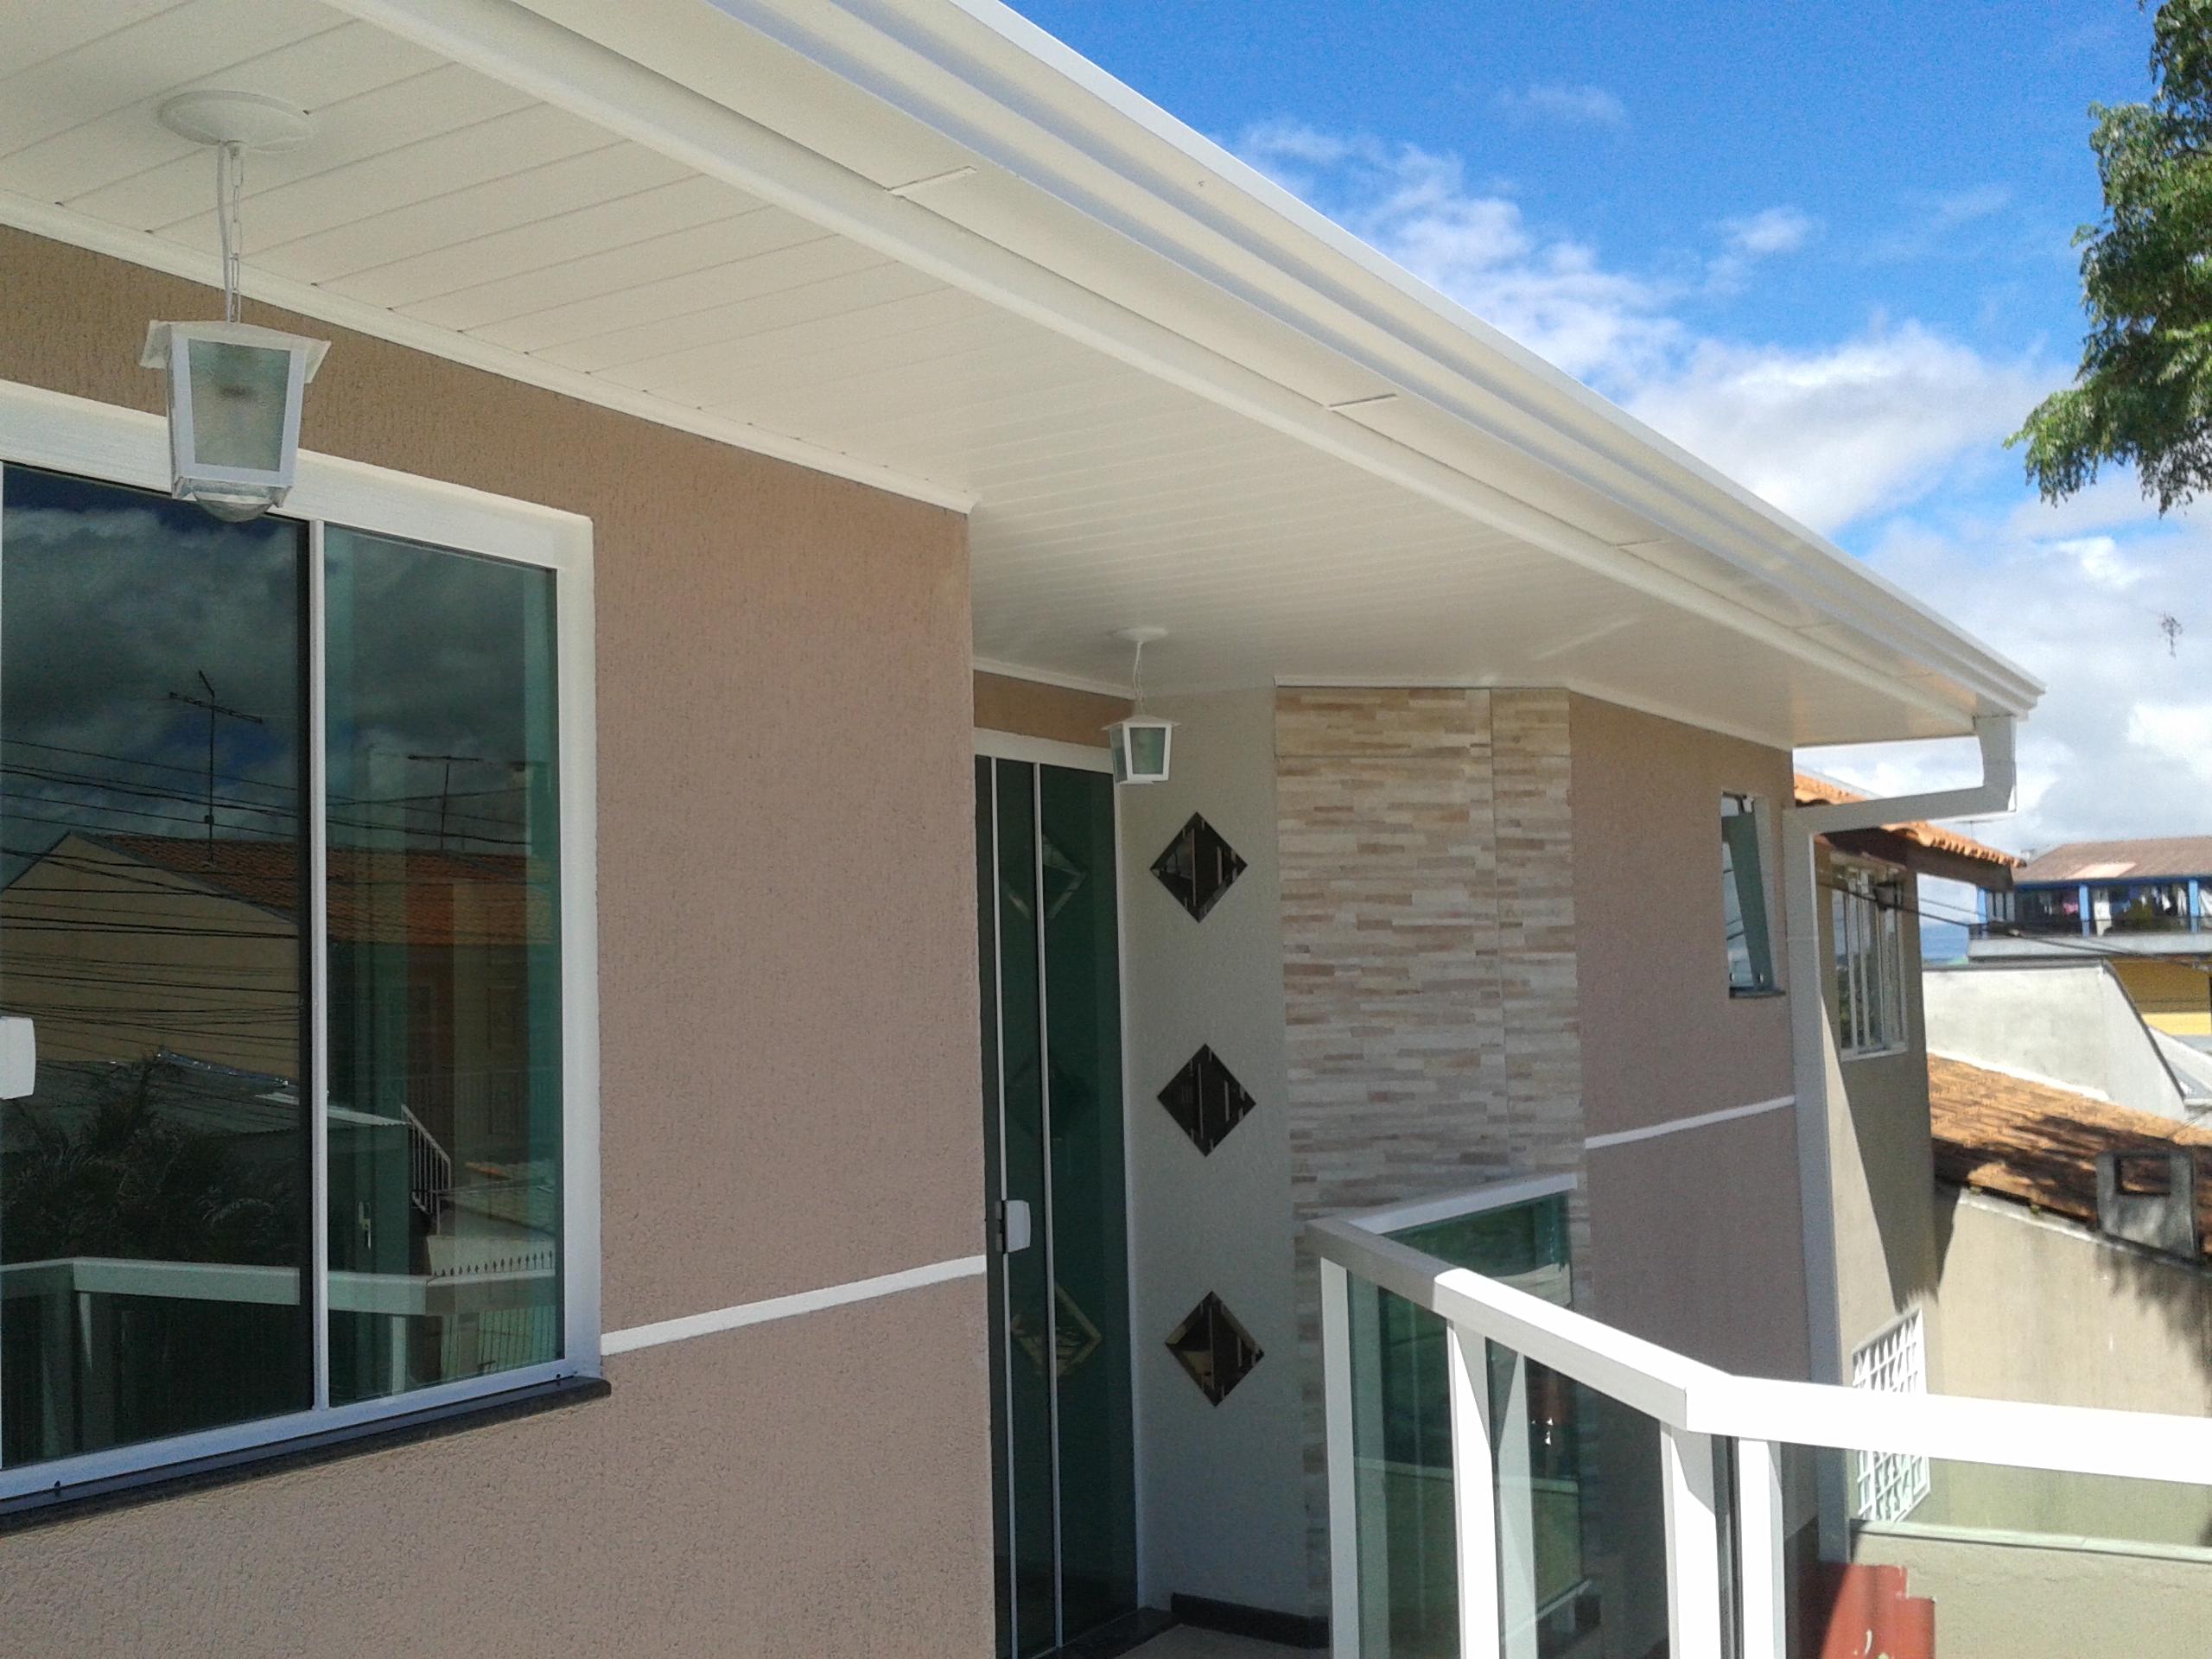 Afr reforma e constru o em geral pintor encanador - Reformas de casas ...